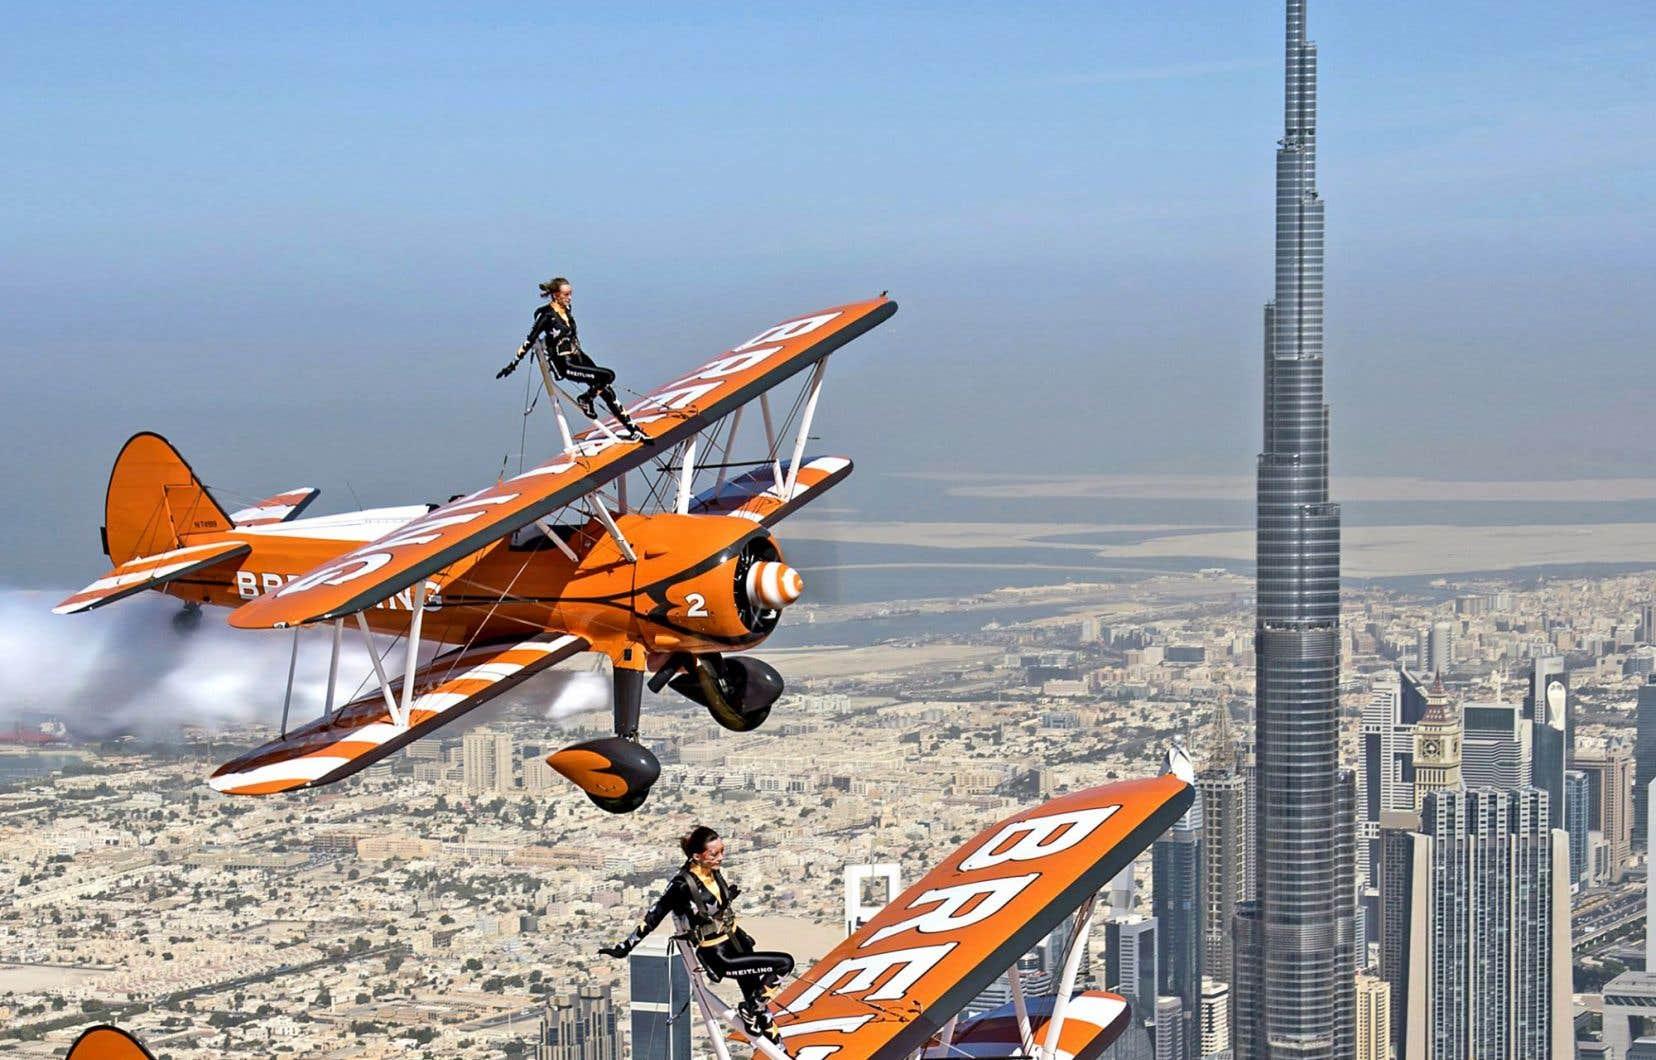 Des acrobates participent à un spectacle aérien au-dessus de l'émirat. En arrière-plan, le plus haut gratte-ciel du monde.